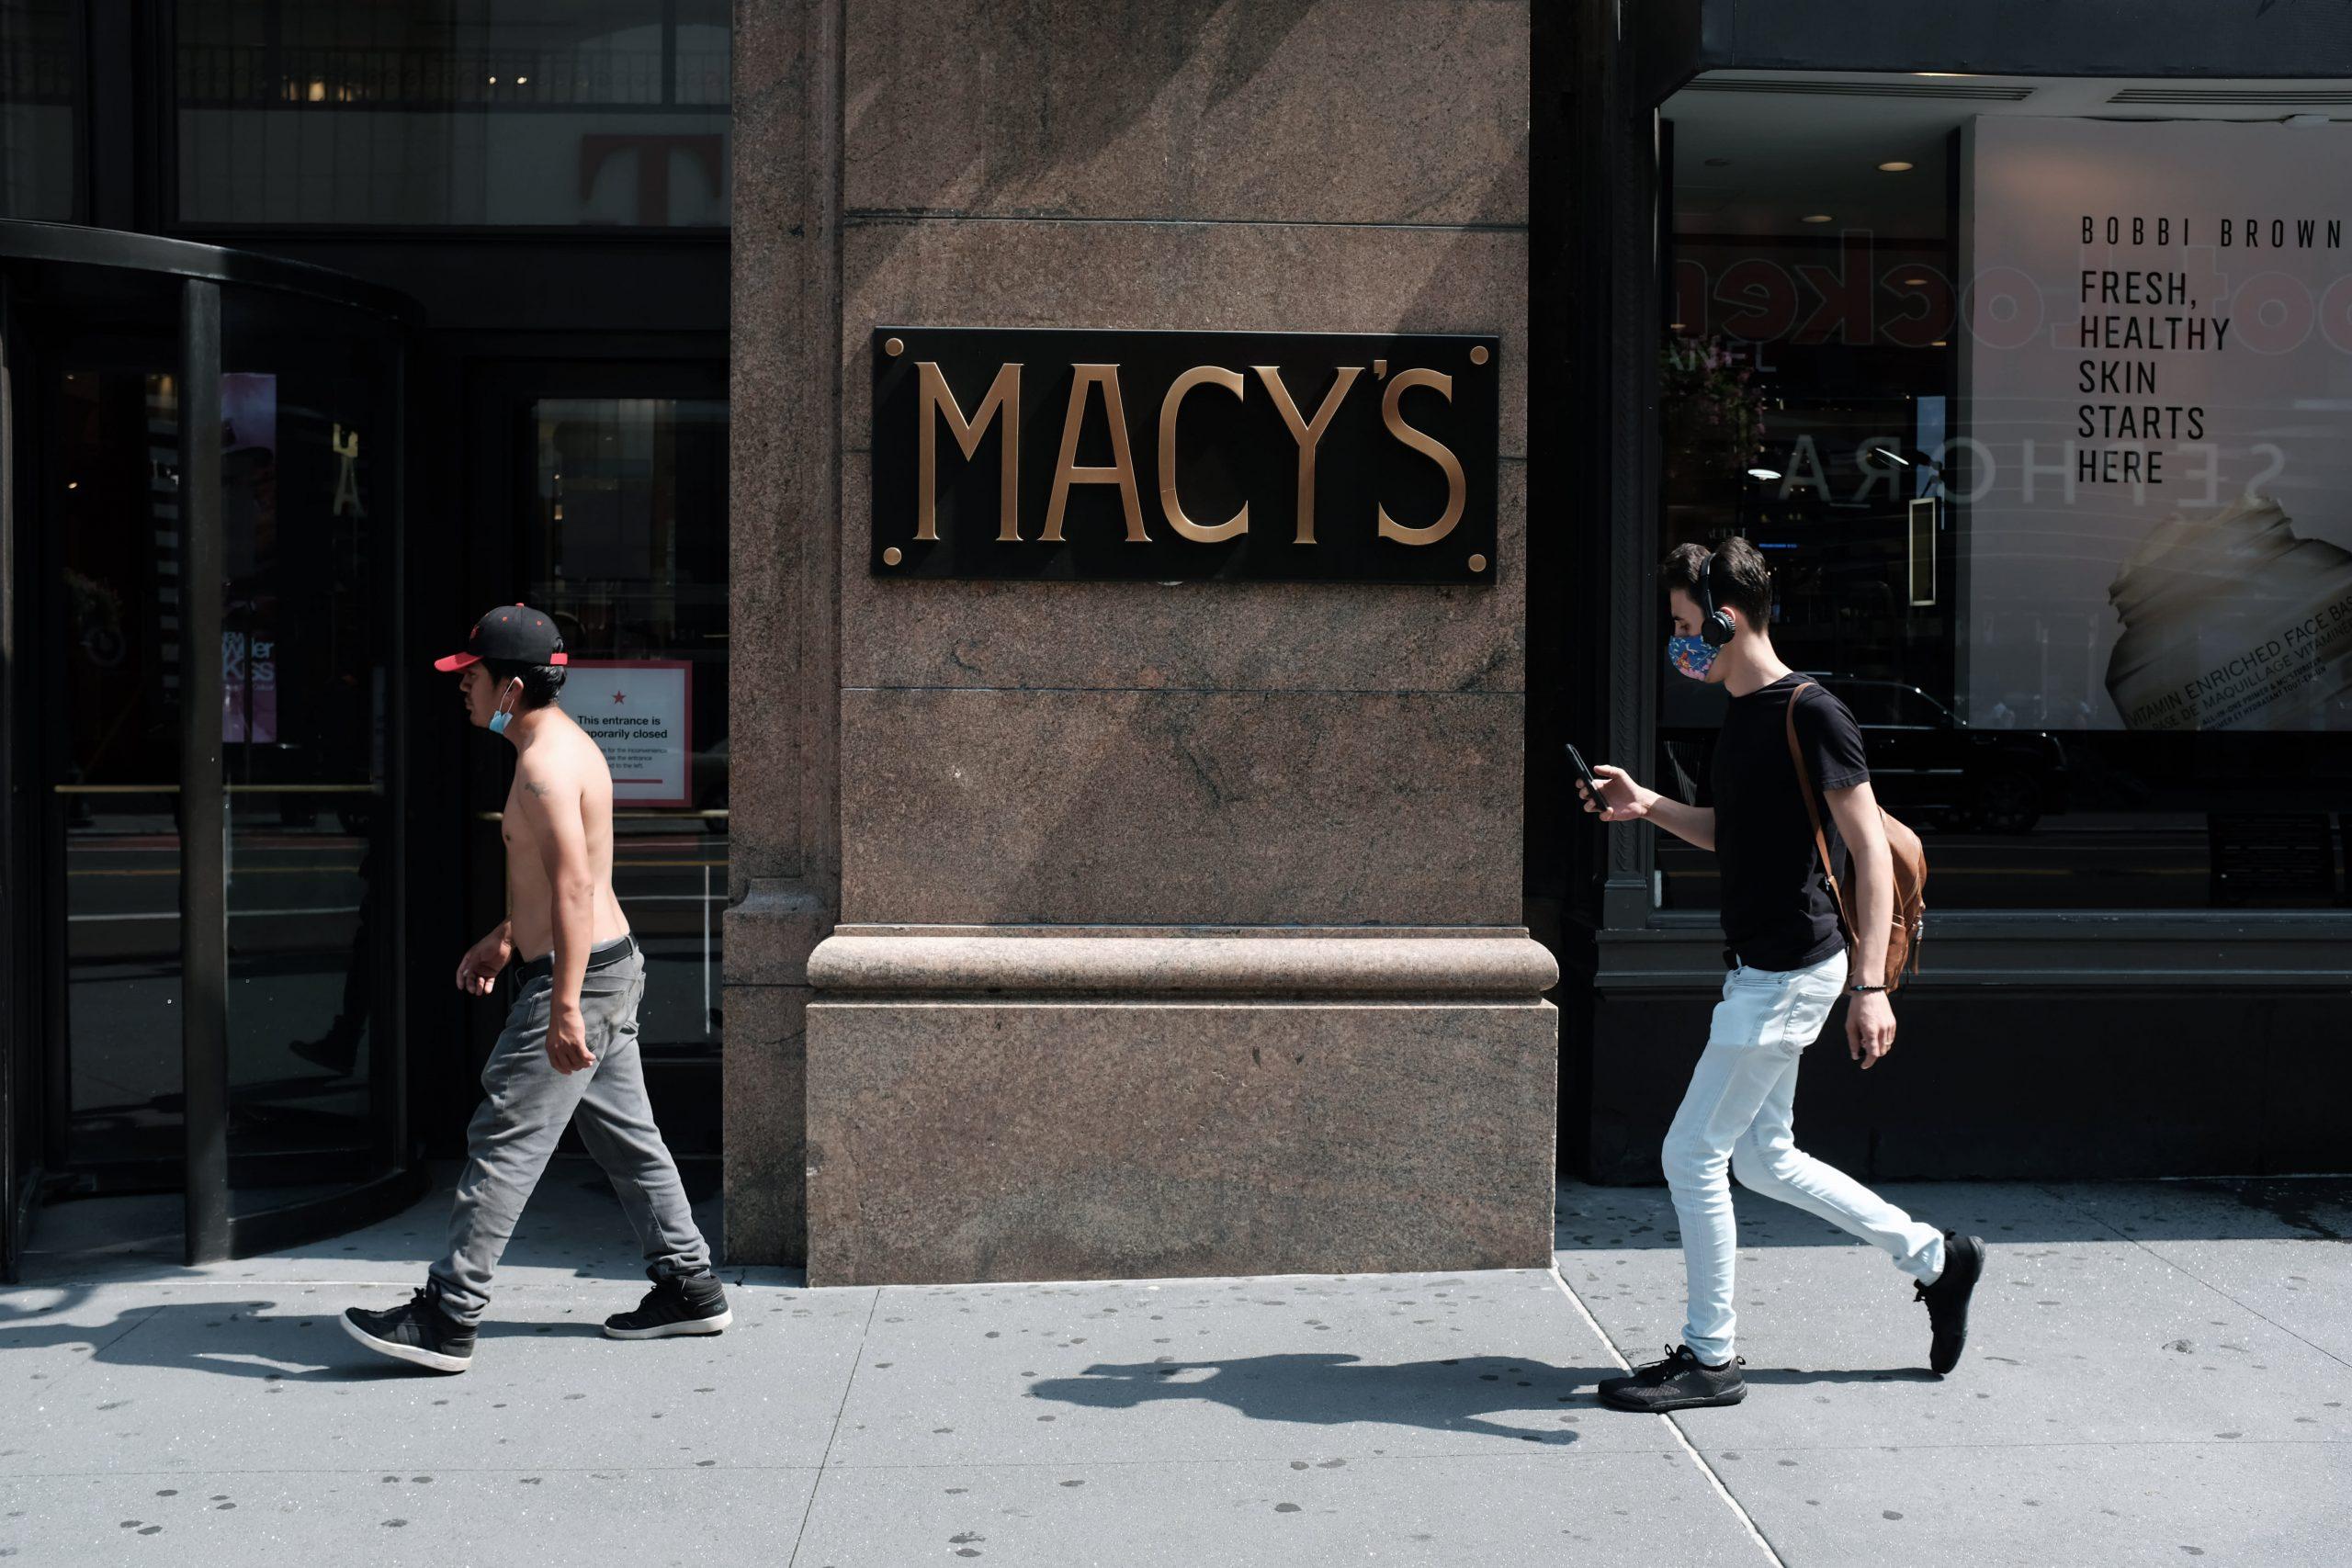 Macis (M) Q2 2020 net loss, same store sales fell 35%